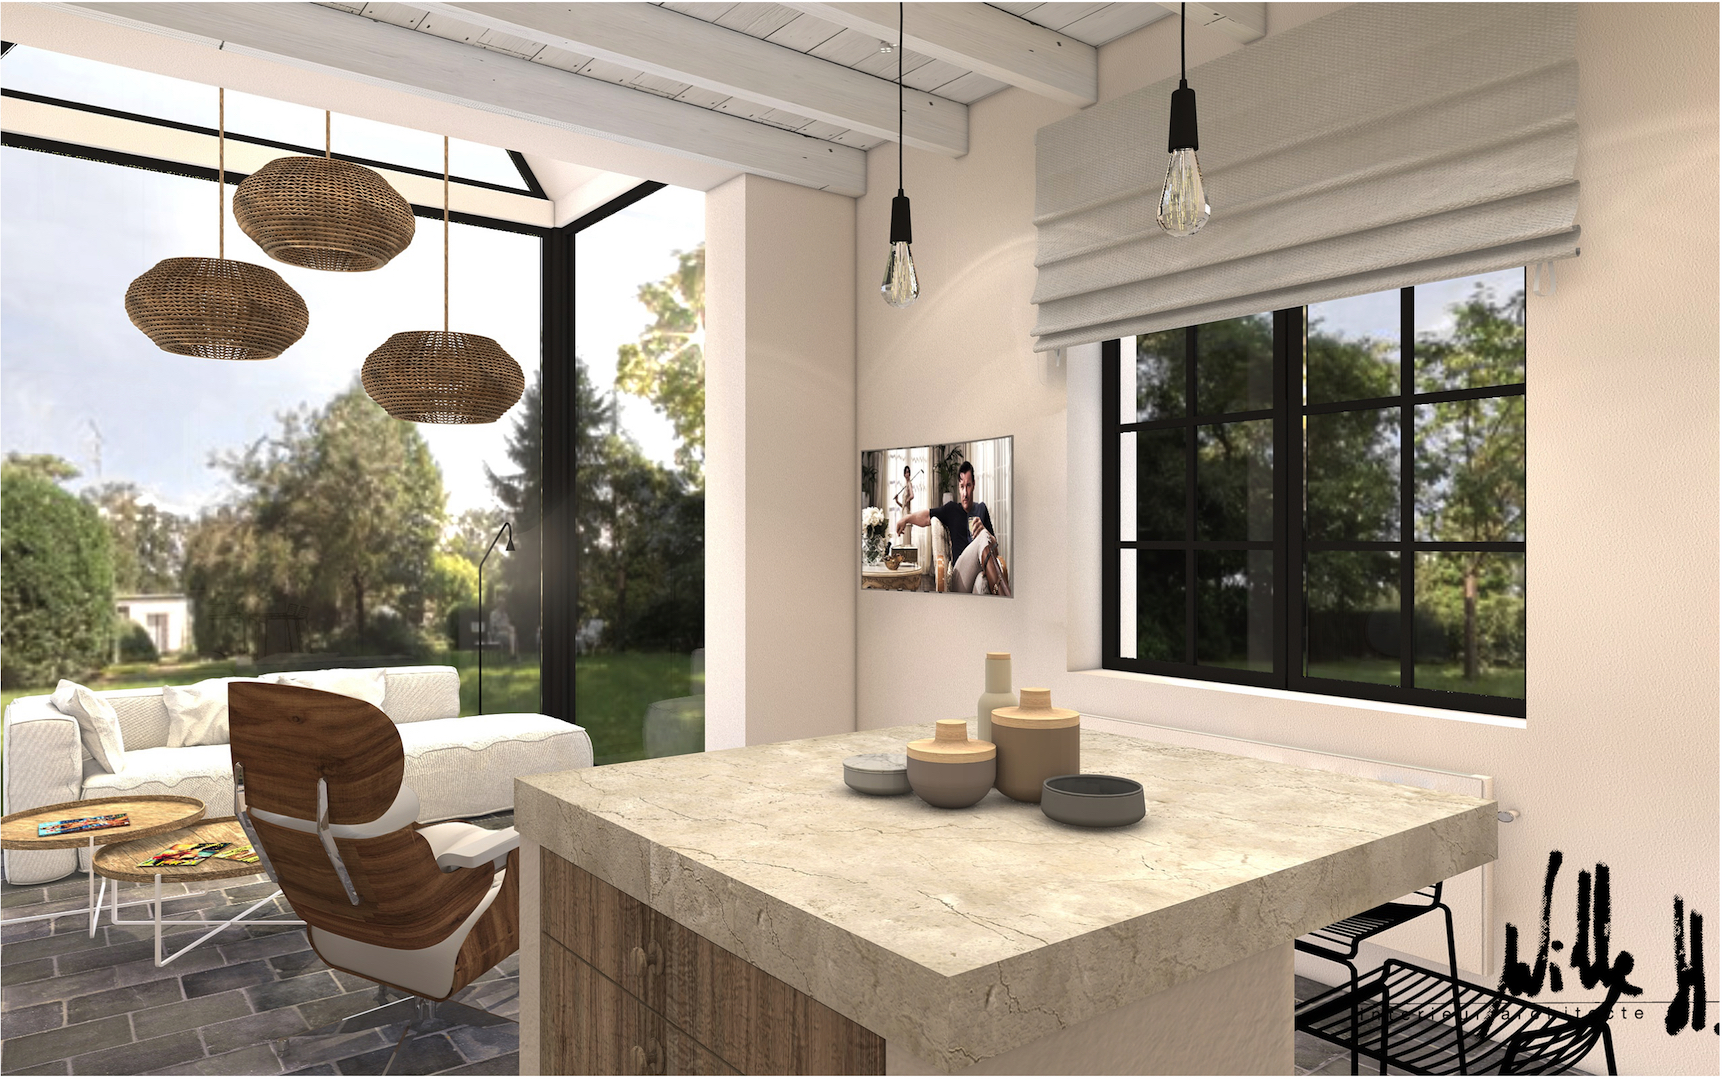 Vente Villa 3 CH Knokke-Zoute - Projet de rénovation / Magere Schorre